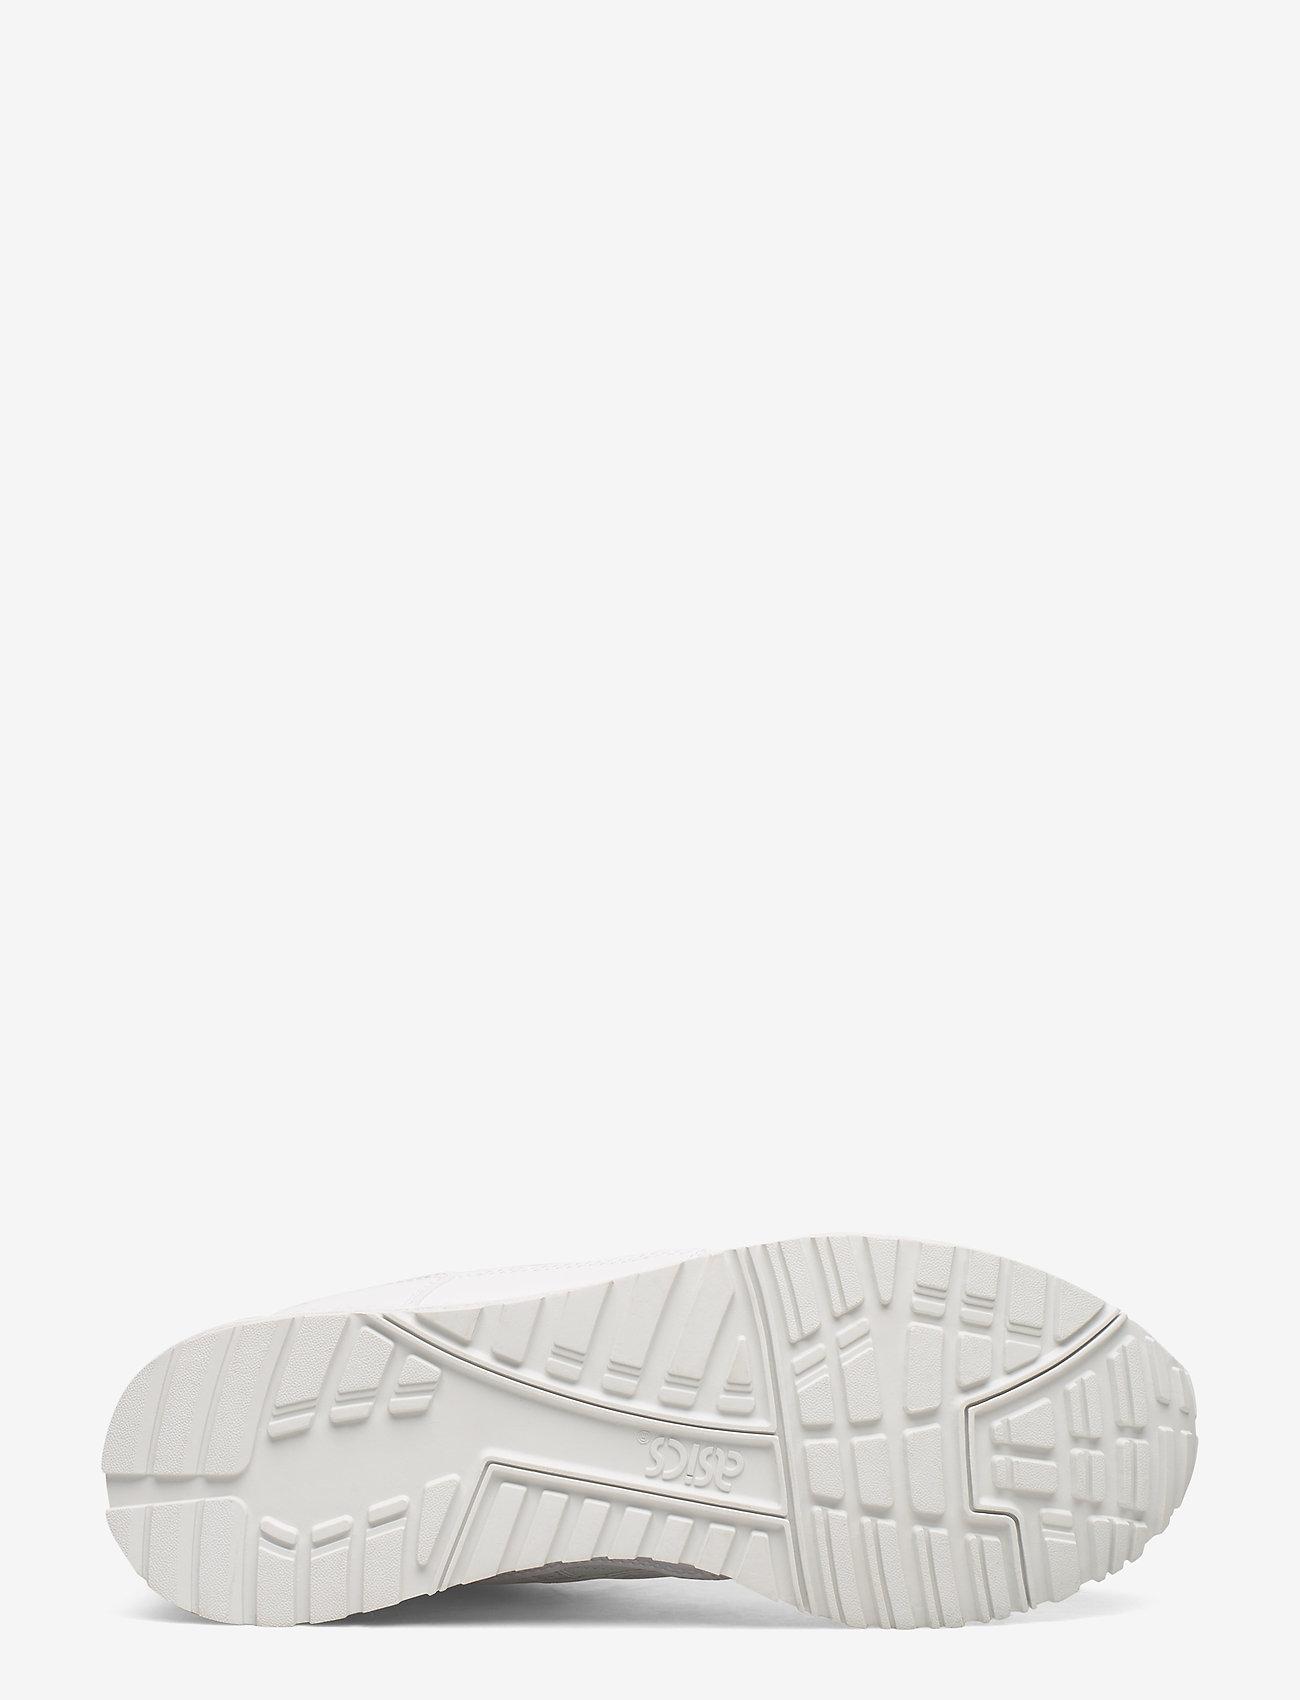 Gelsaga (White/white) - ASICS SportStyle